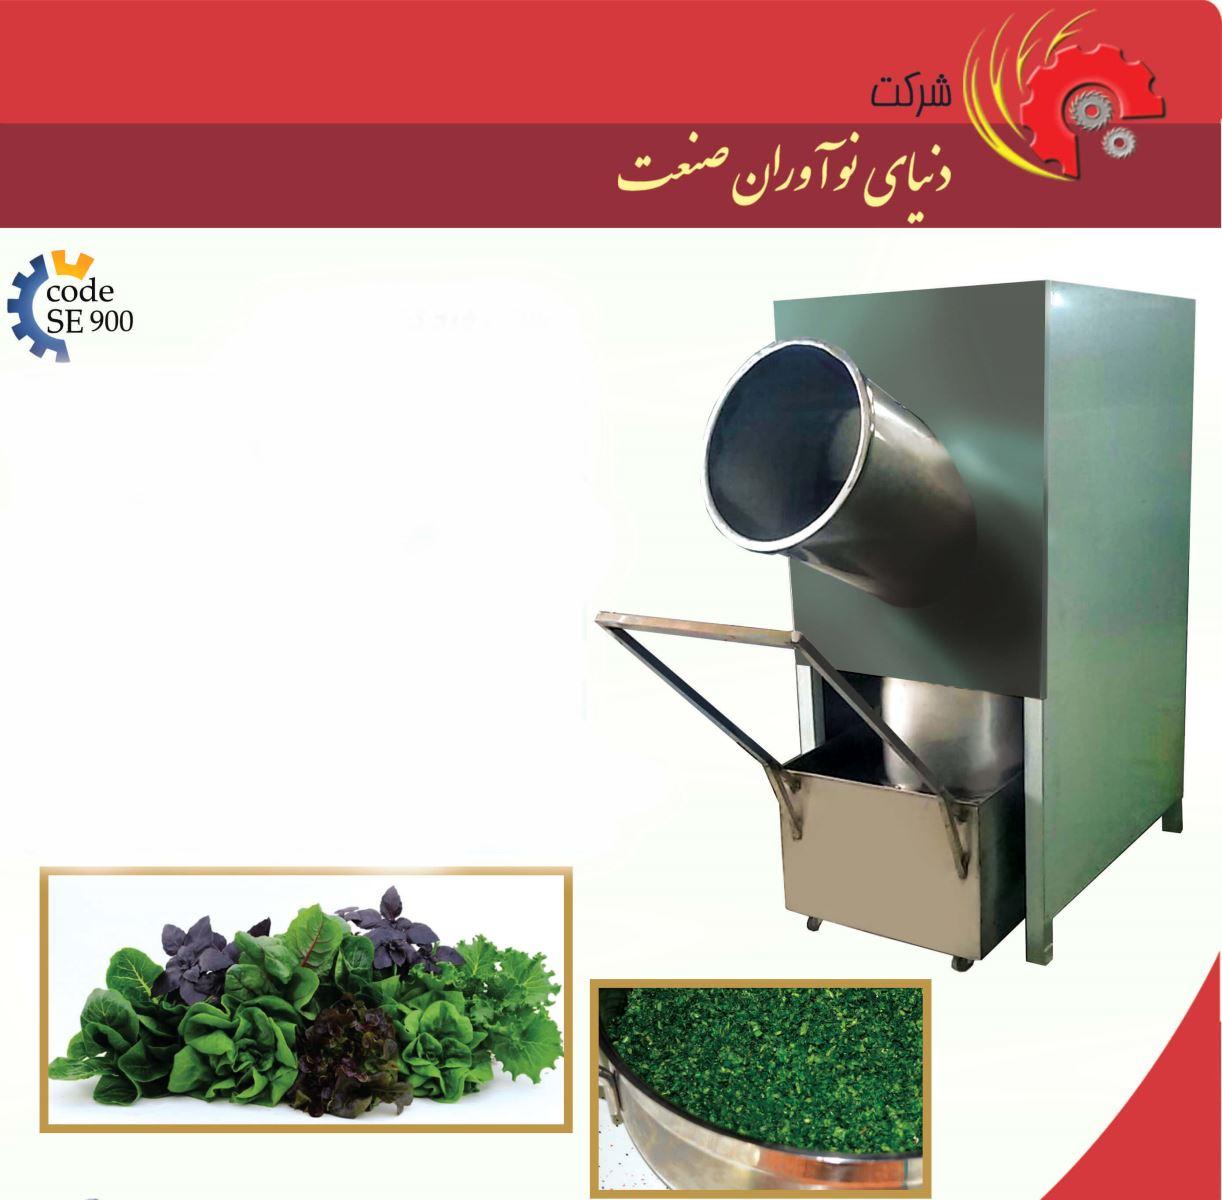 خرید دستگاه سبزی خرد کن صنعتی-دستگاه سبزی خرد کن صنعتی